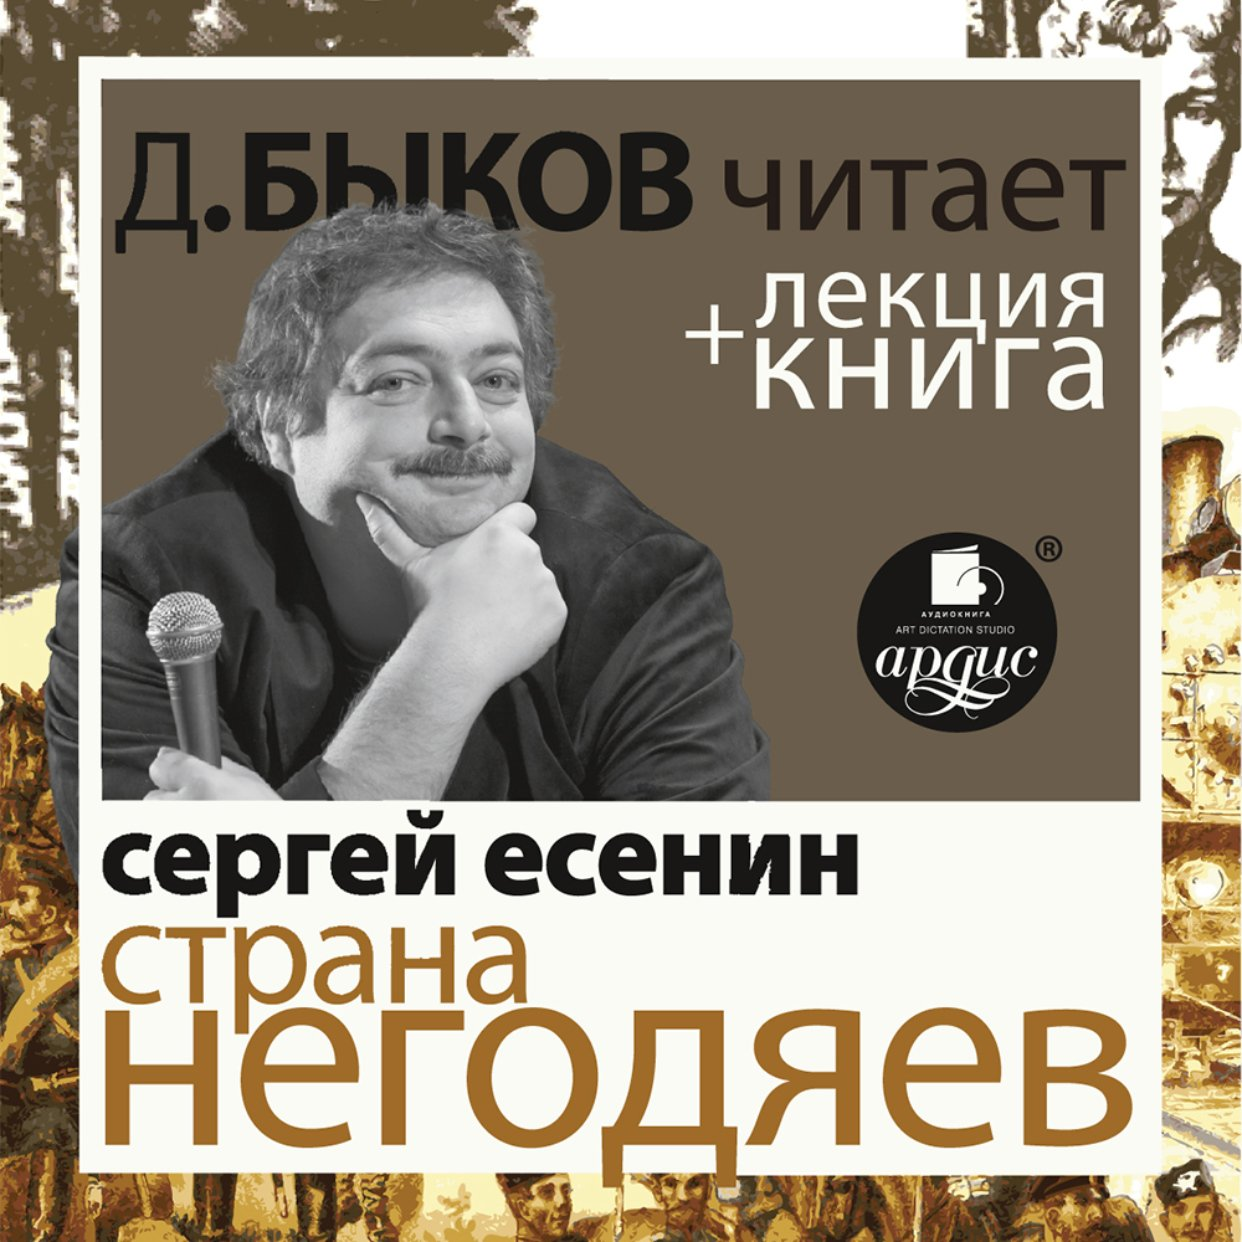 Страна негодяев + лекция Дмитрия Быкова